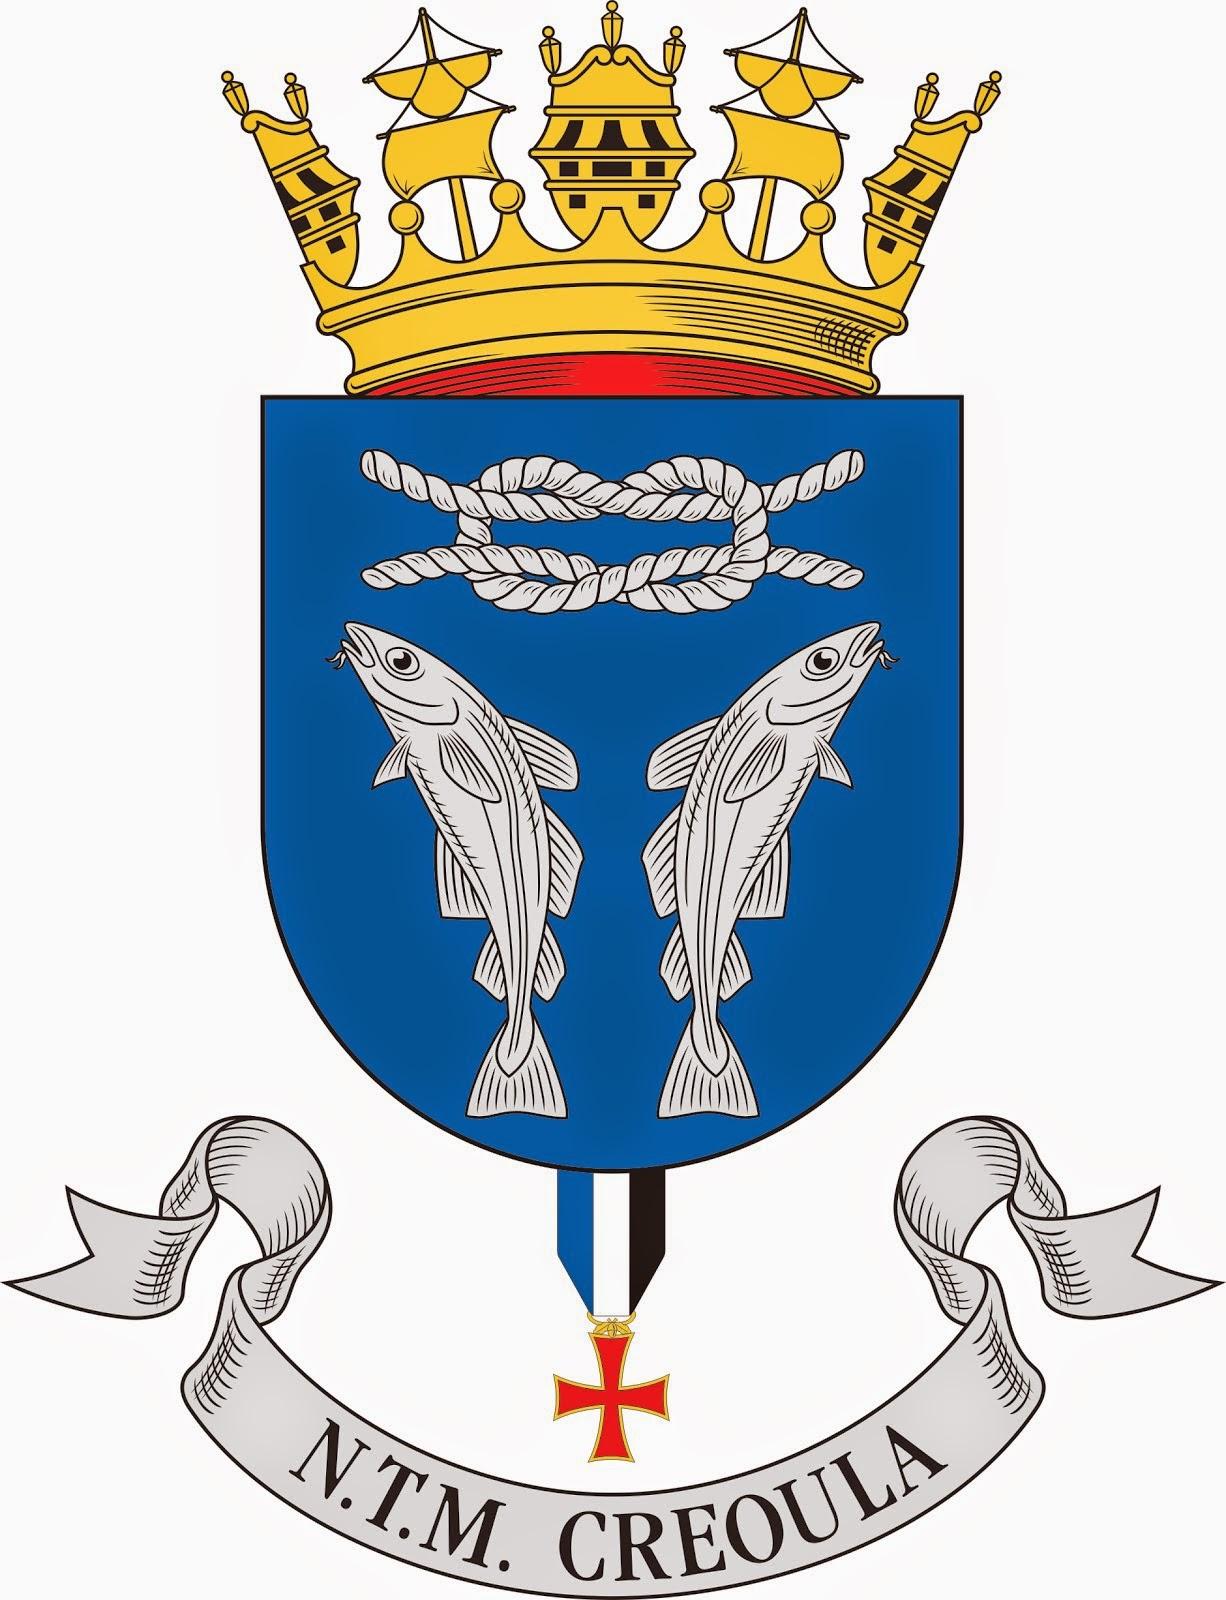 Brasão de armas do CREOULA